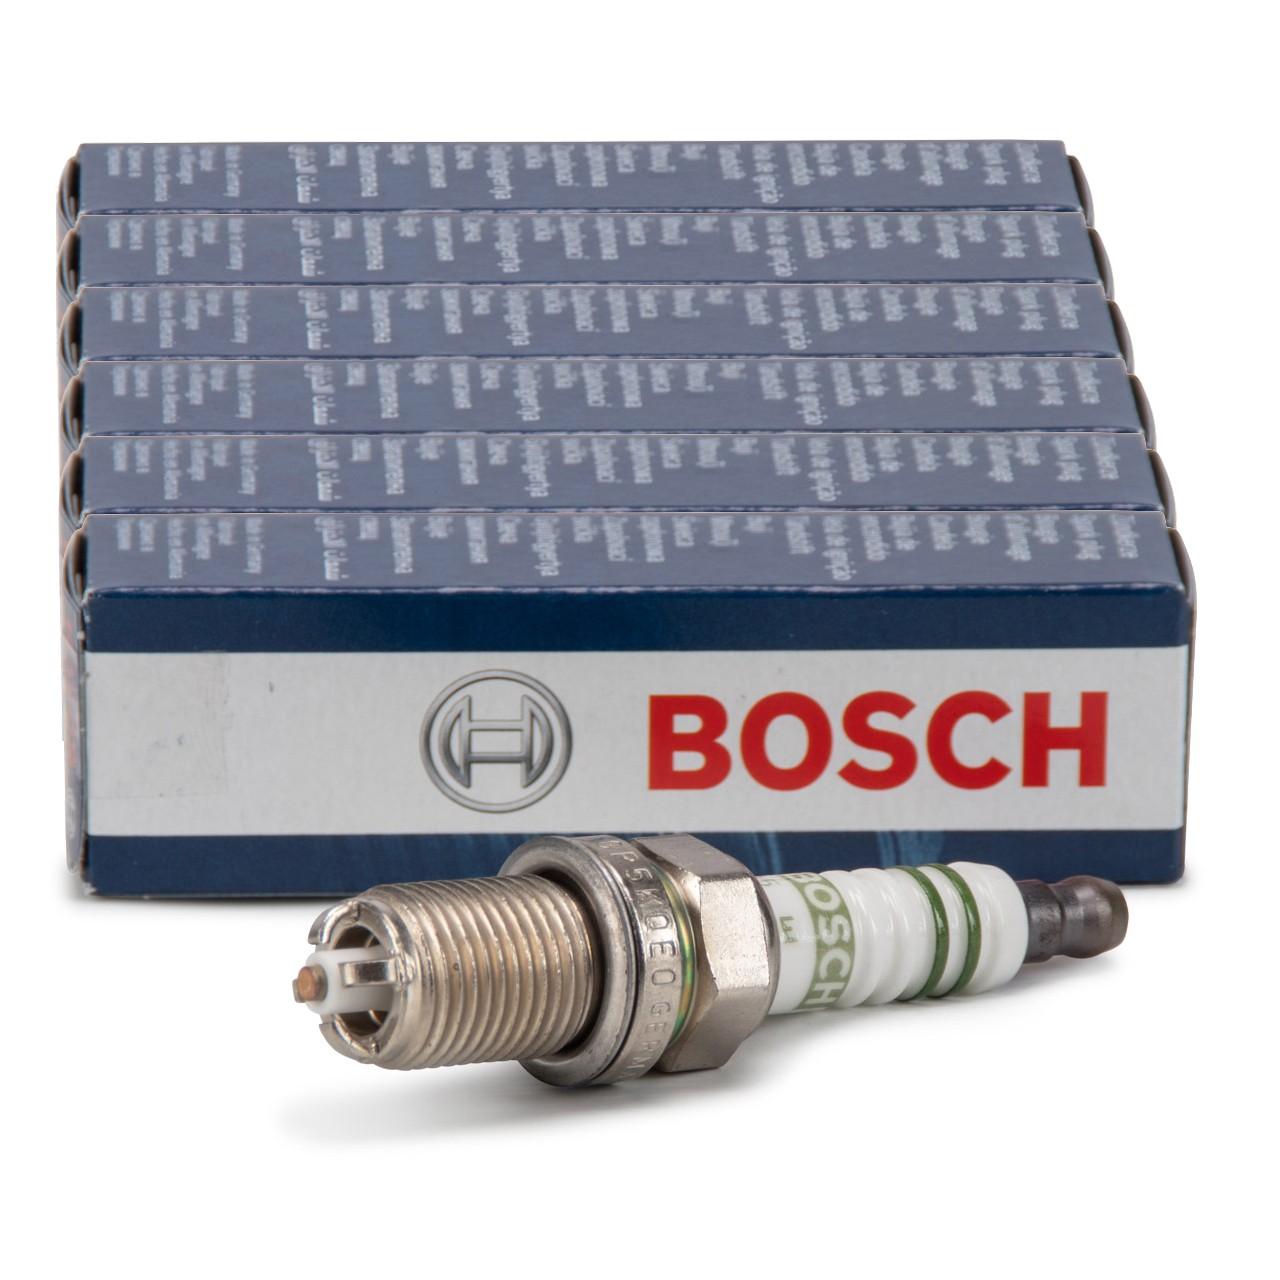 6x BOSCH FGR5KQE0 0242245559 Zündkerze PORSCHE 996 997 Boxster Cayman (987)